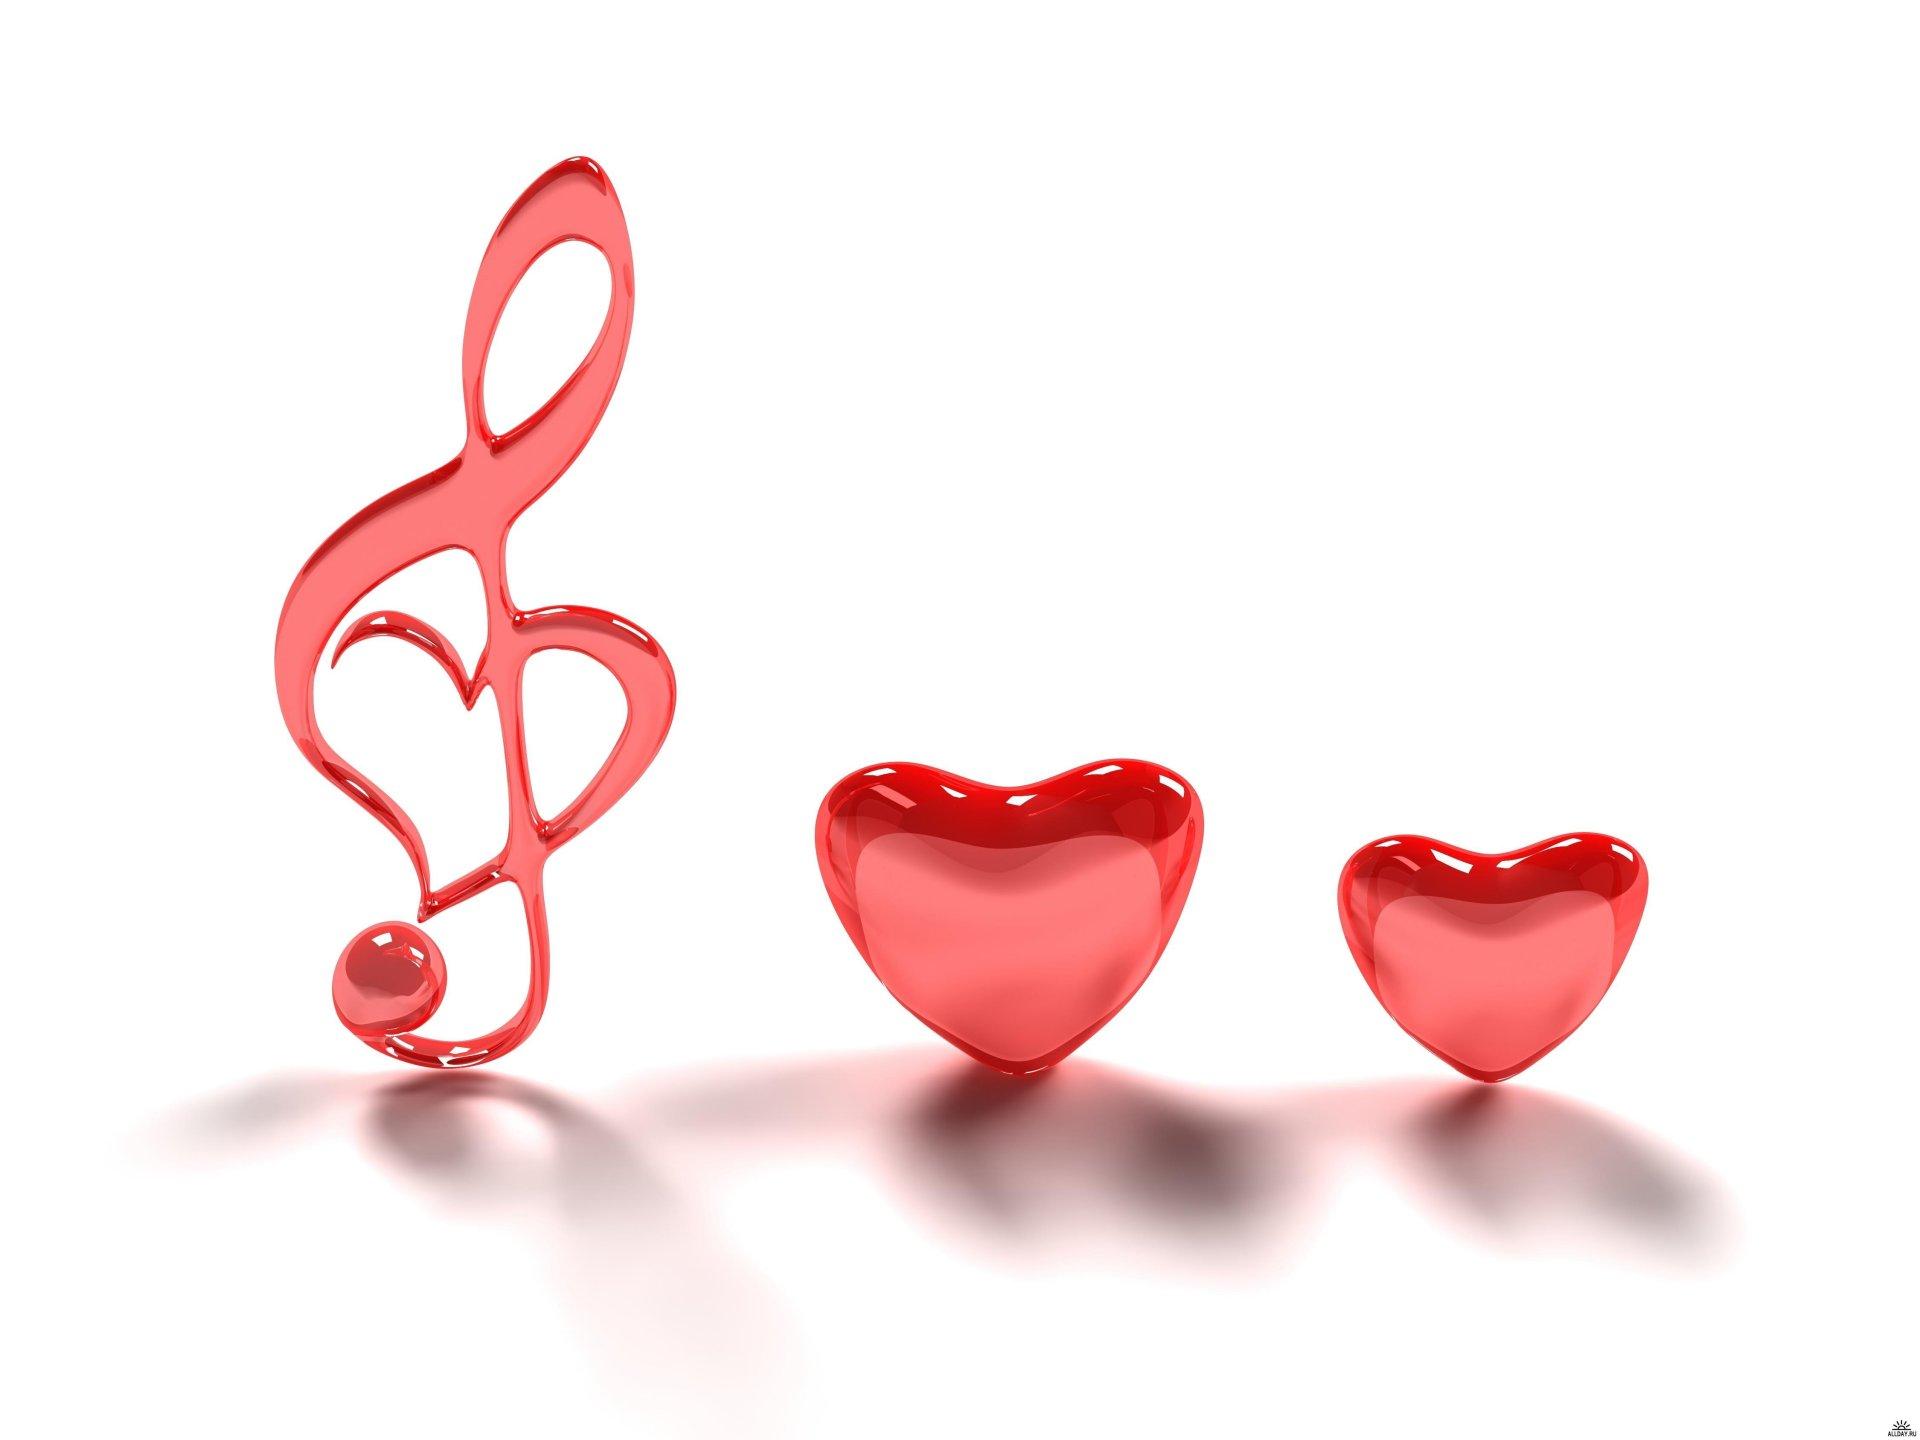 Обои Сердечки На Телефон Высокого Качества